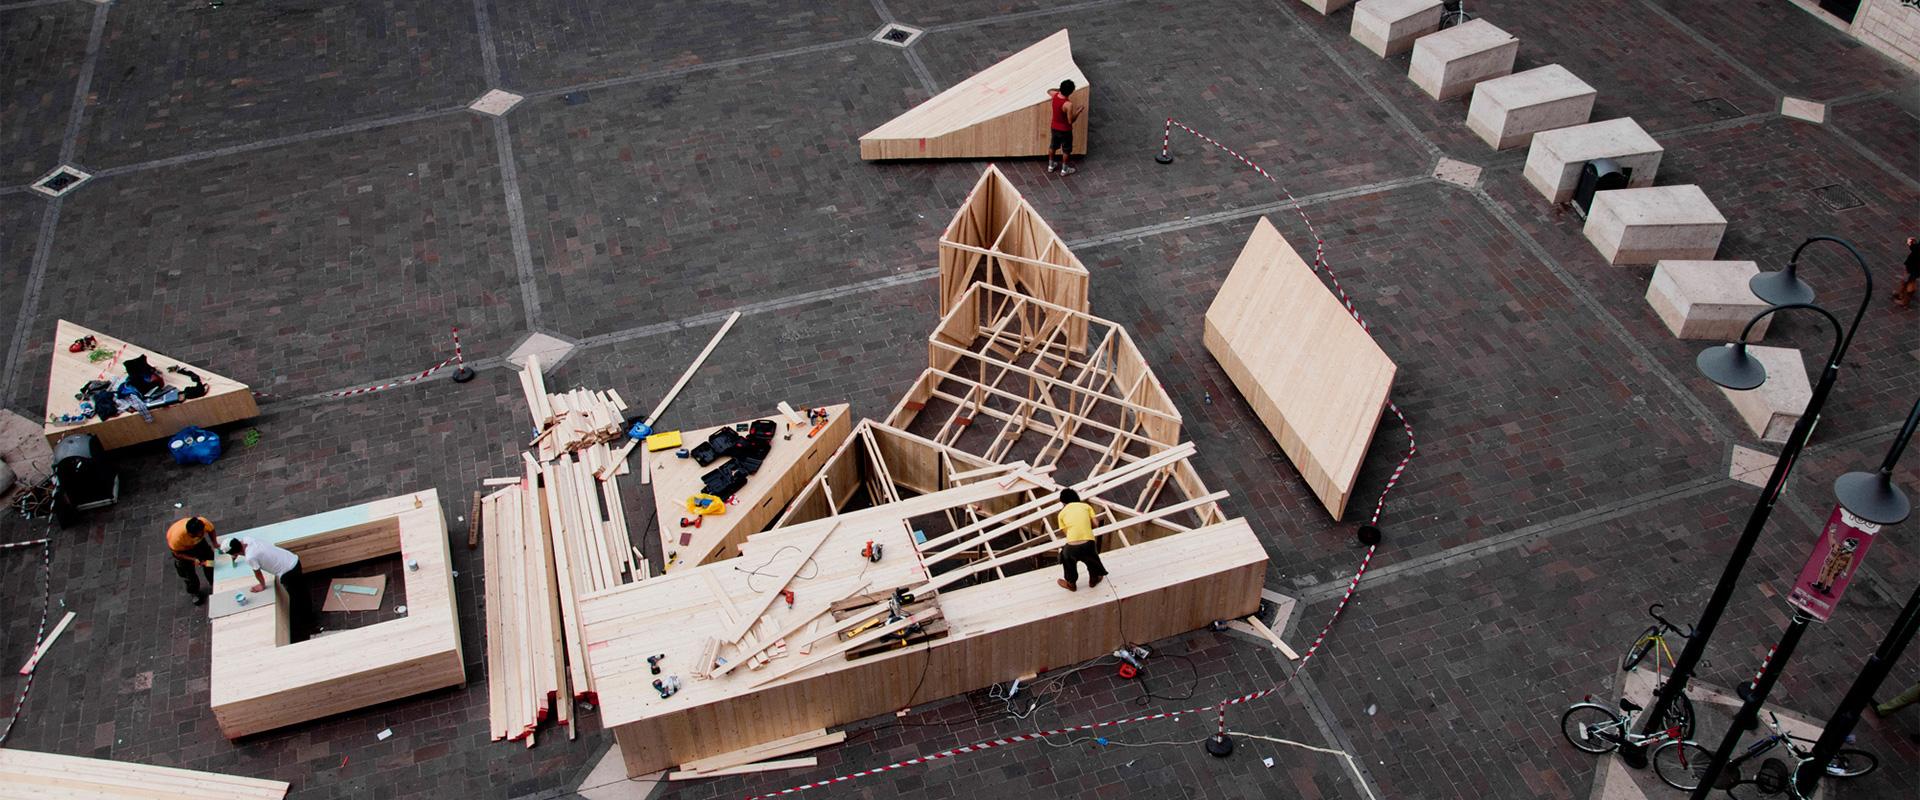 Studio Architettura Paesaggio Milano orizzontale | about us